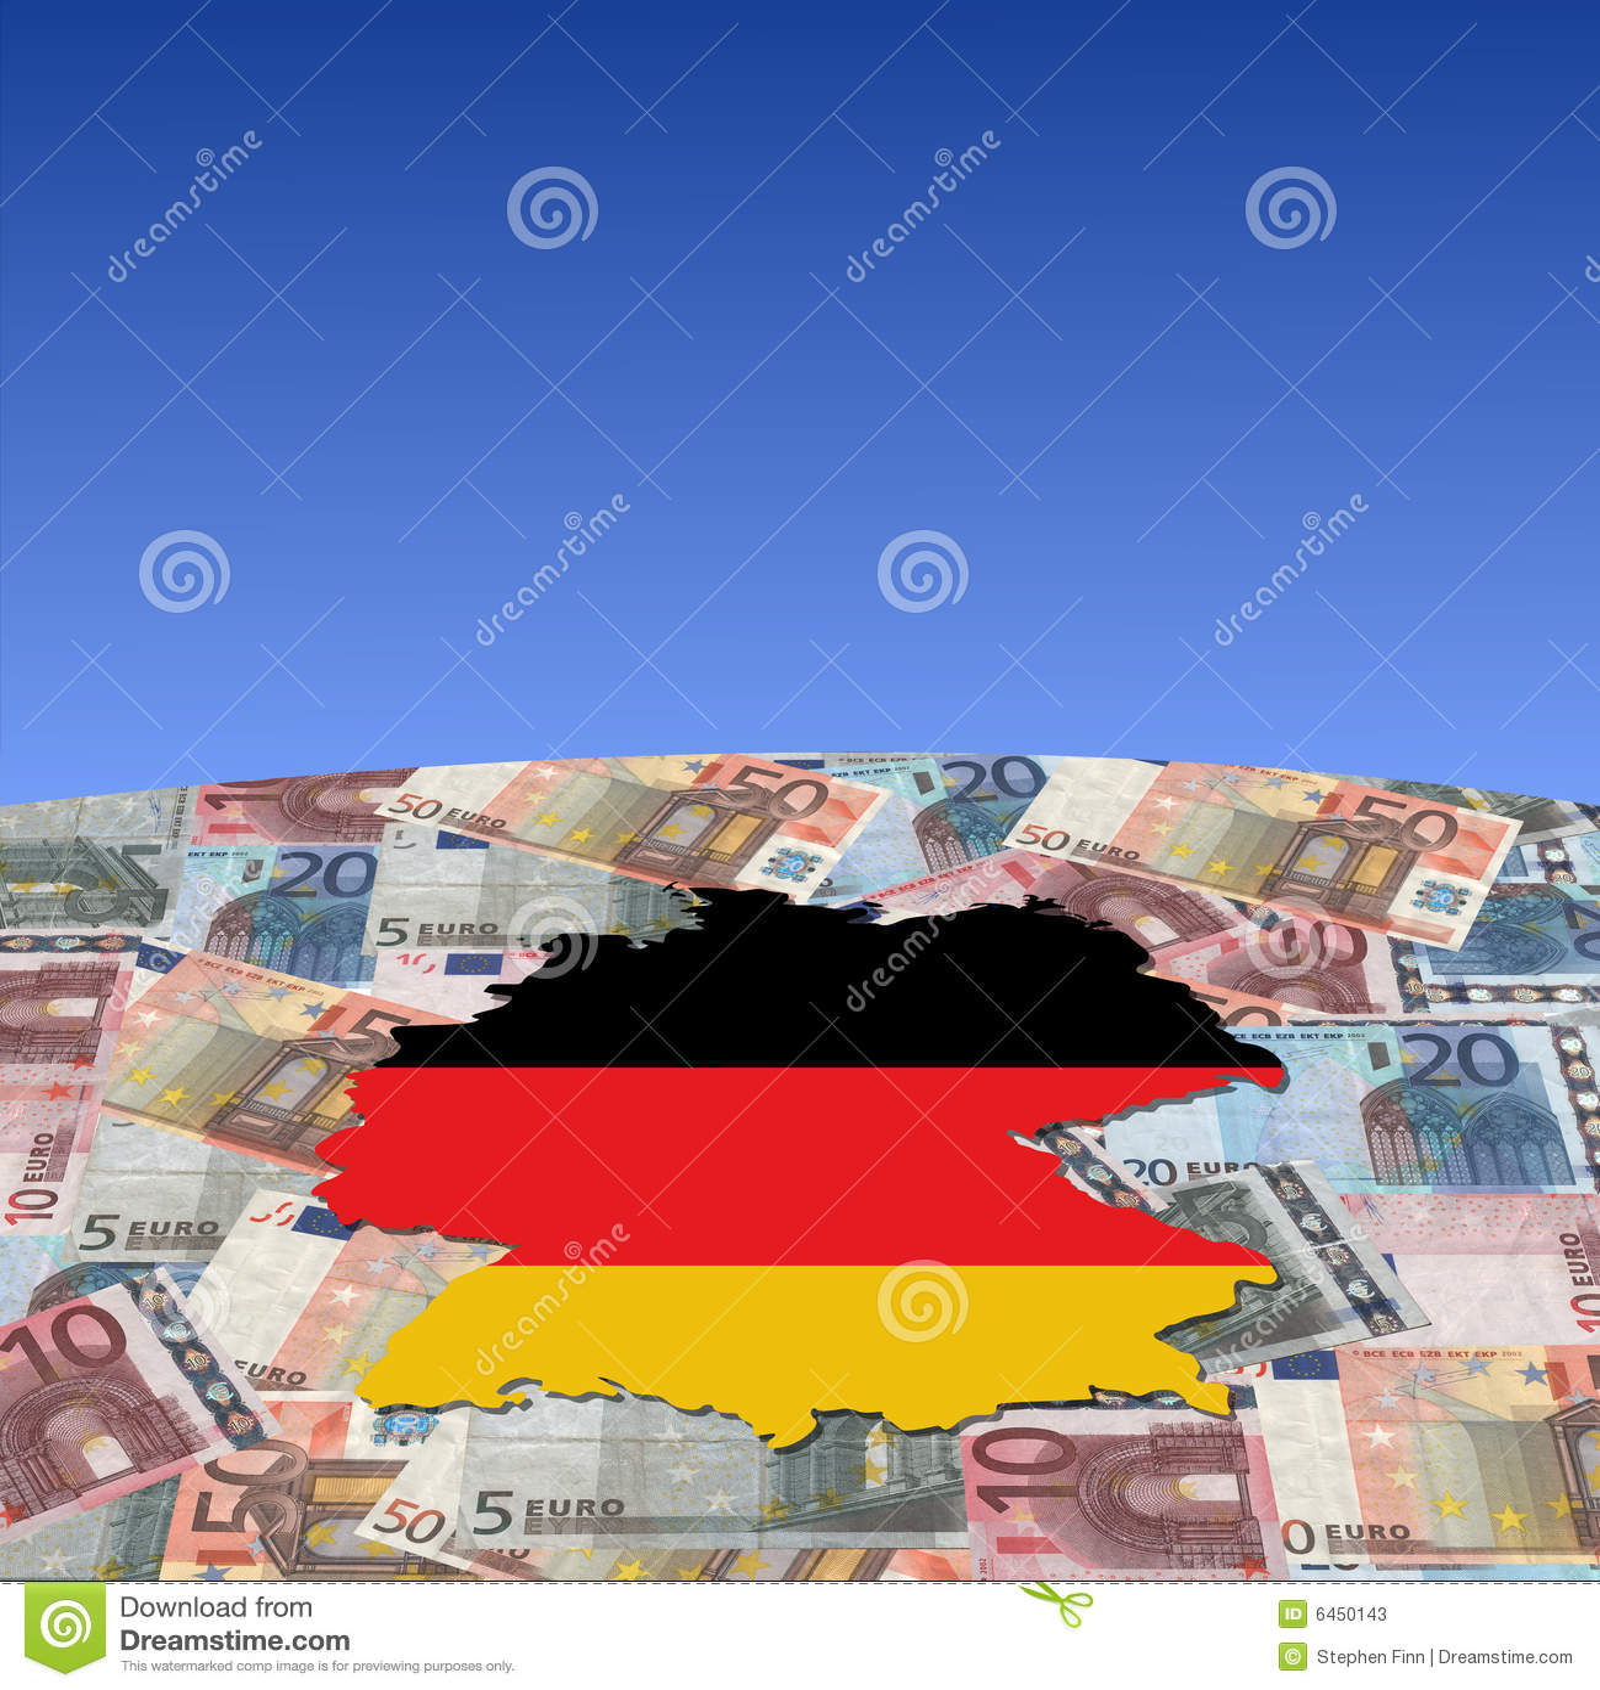 Euro German oznaczone mapę